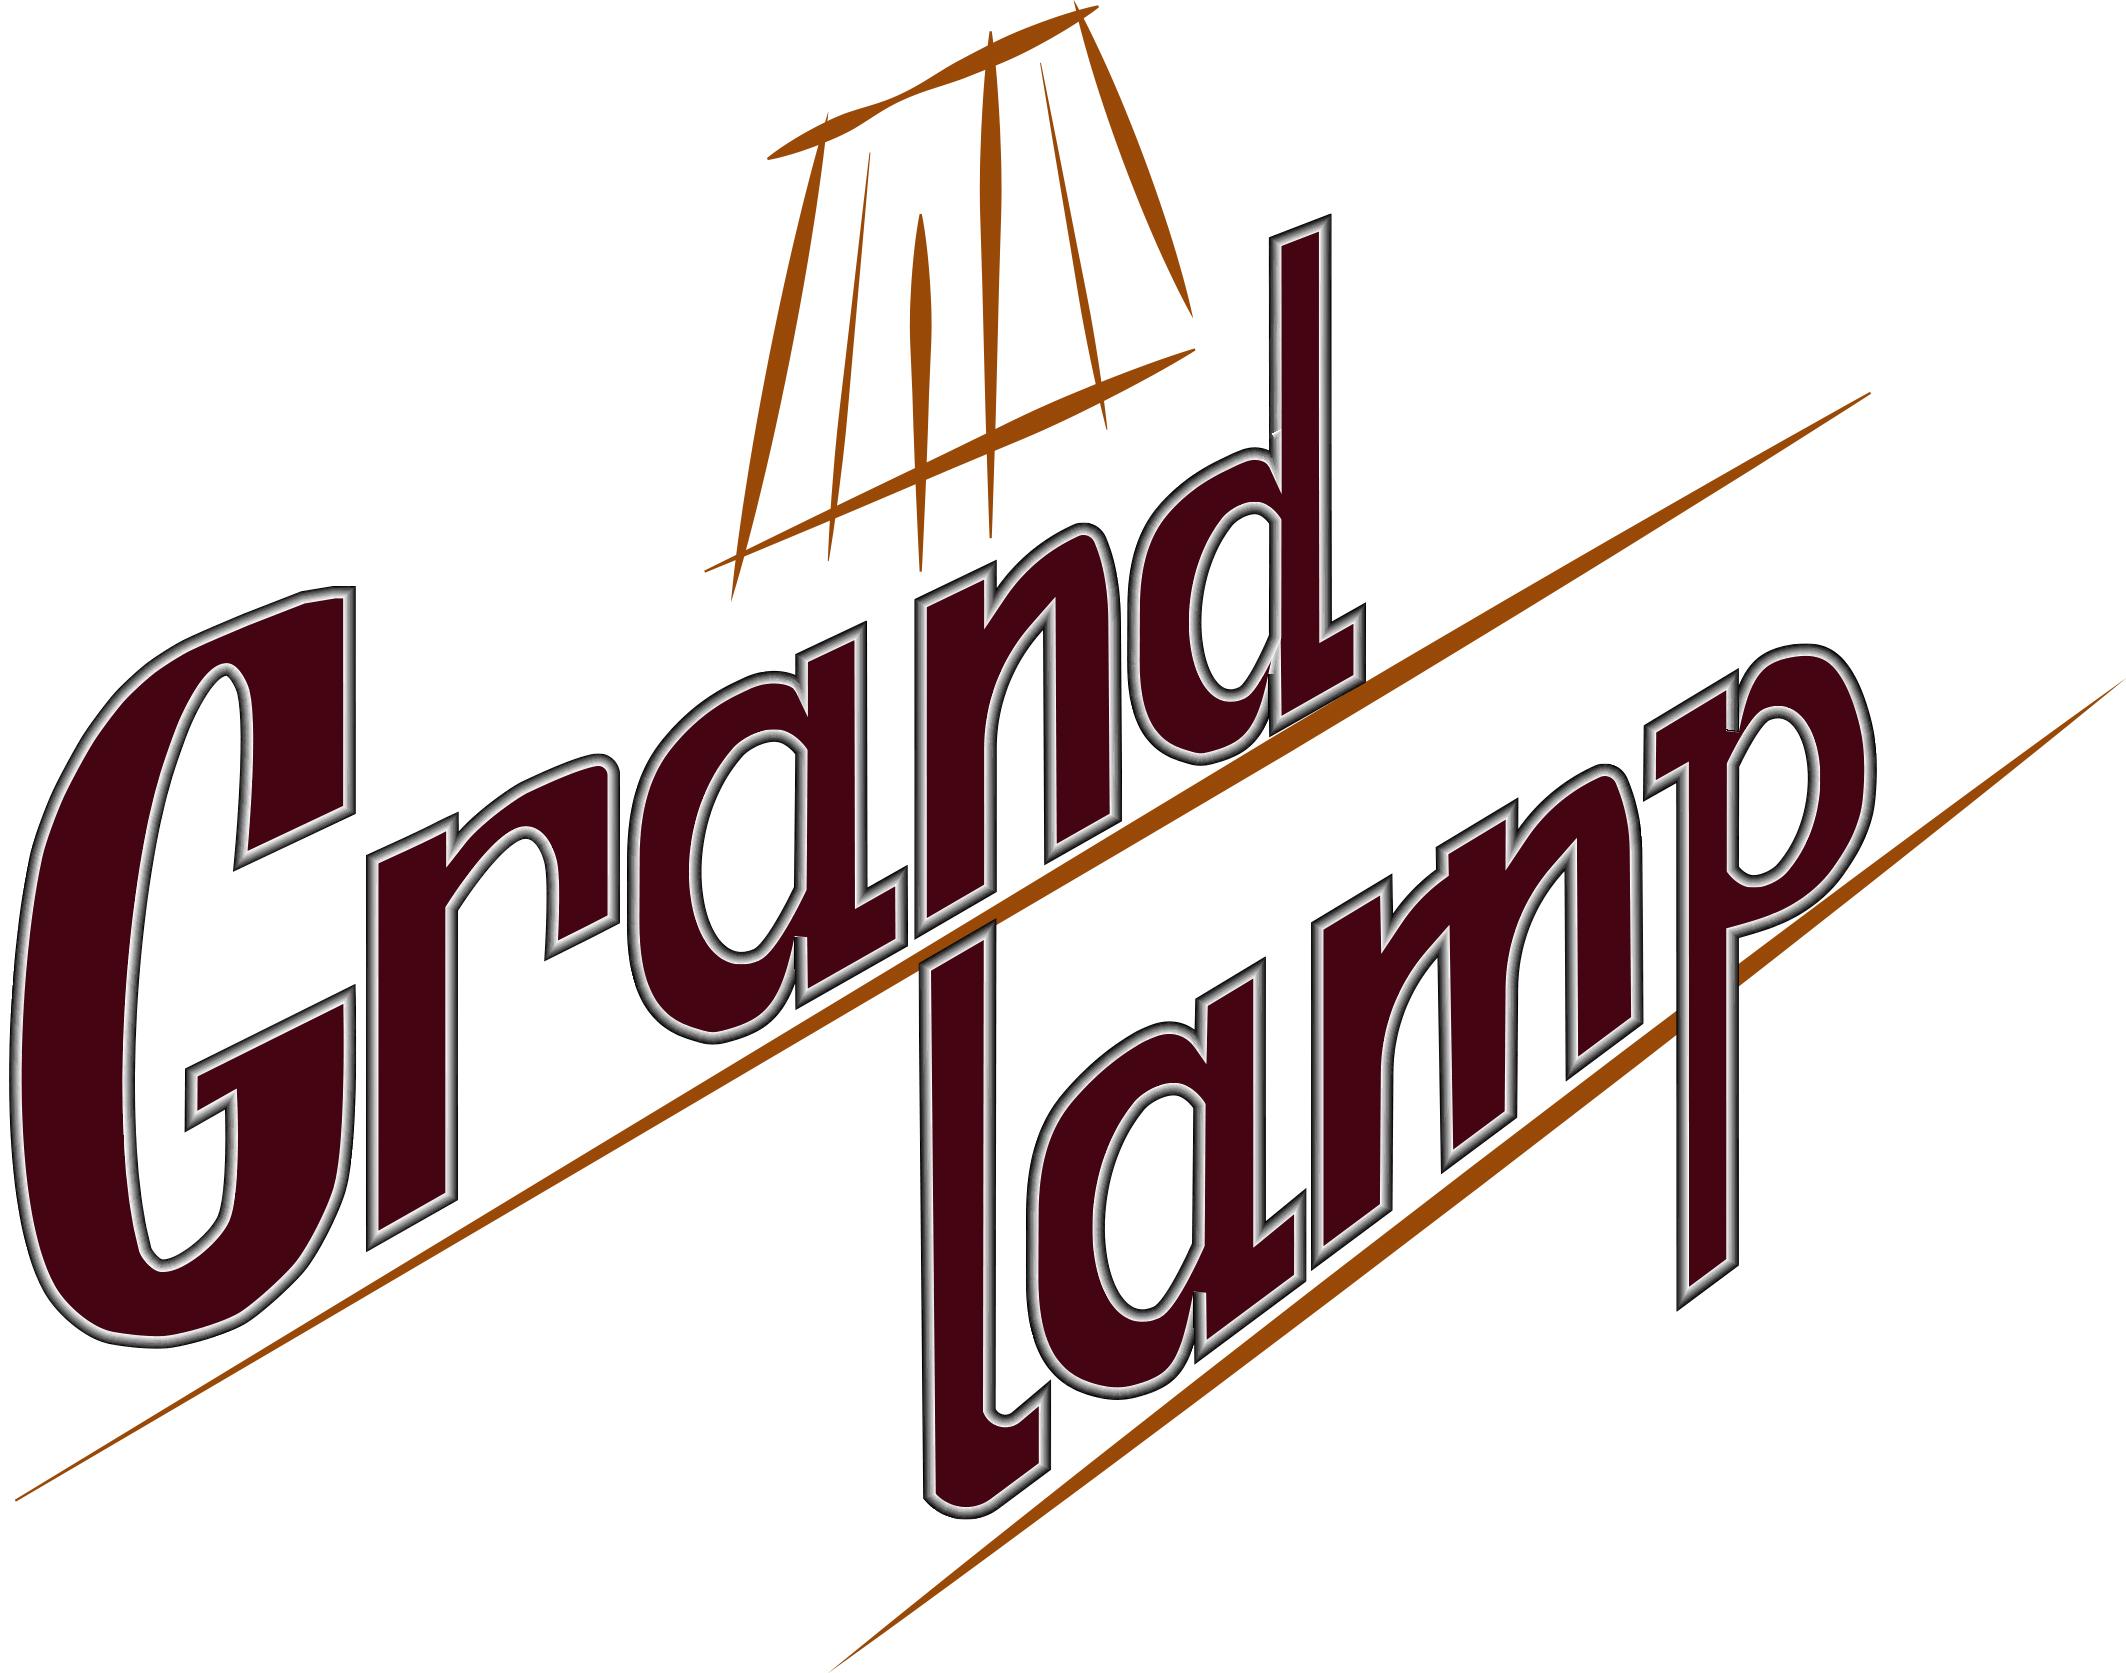 Разработка логотипа и элементов фирменного стиля фото f_63857e02dca9b112.jpg